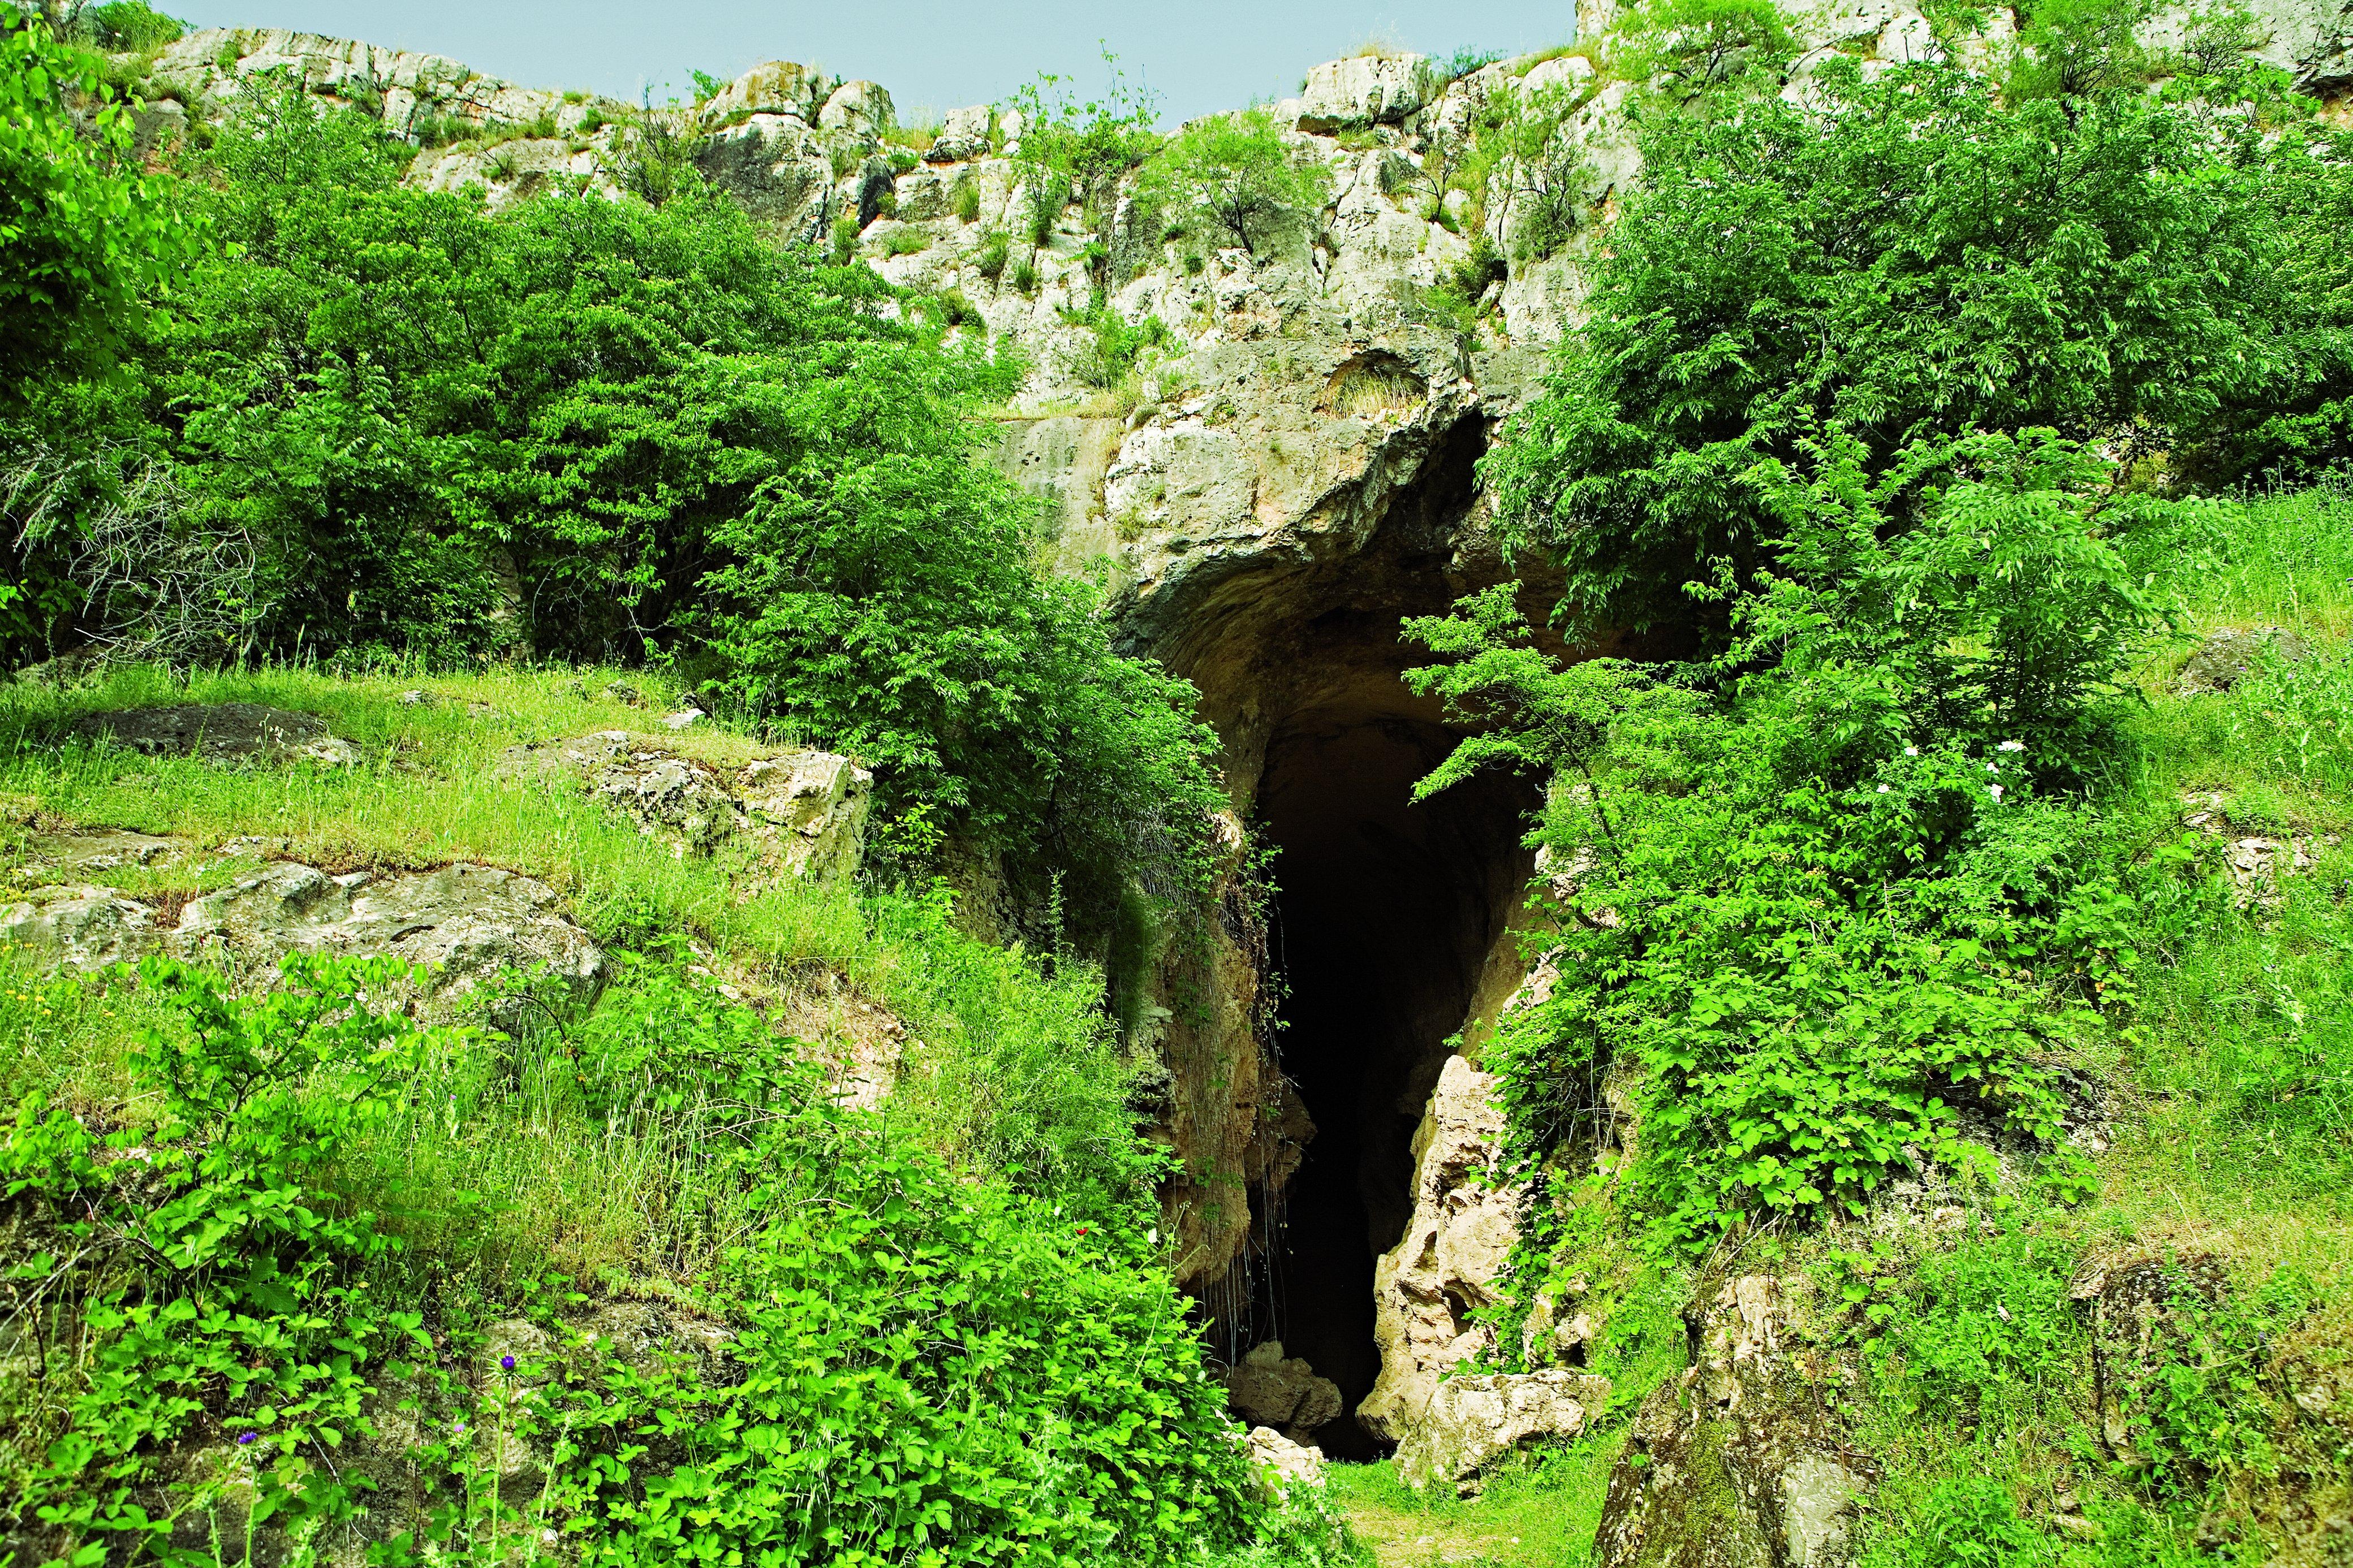 Azokh Cave - Wikipedia